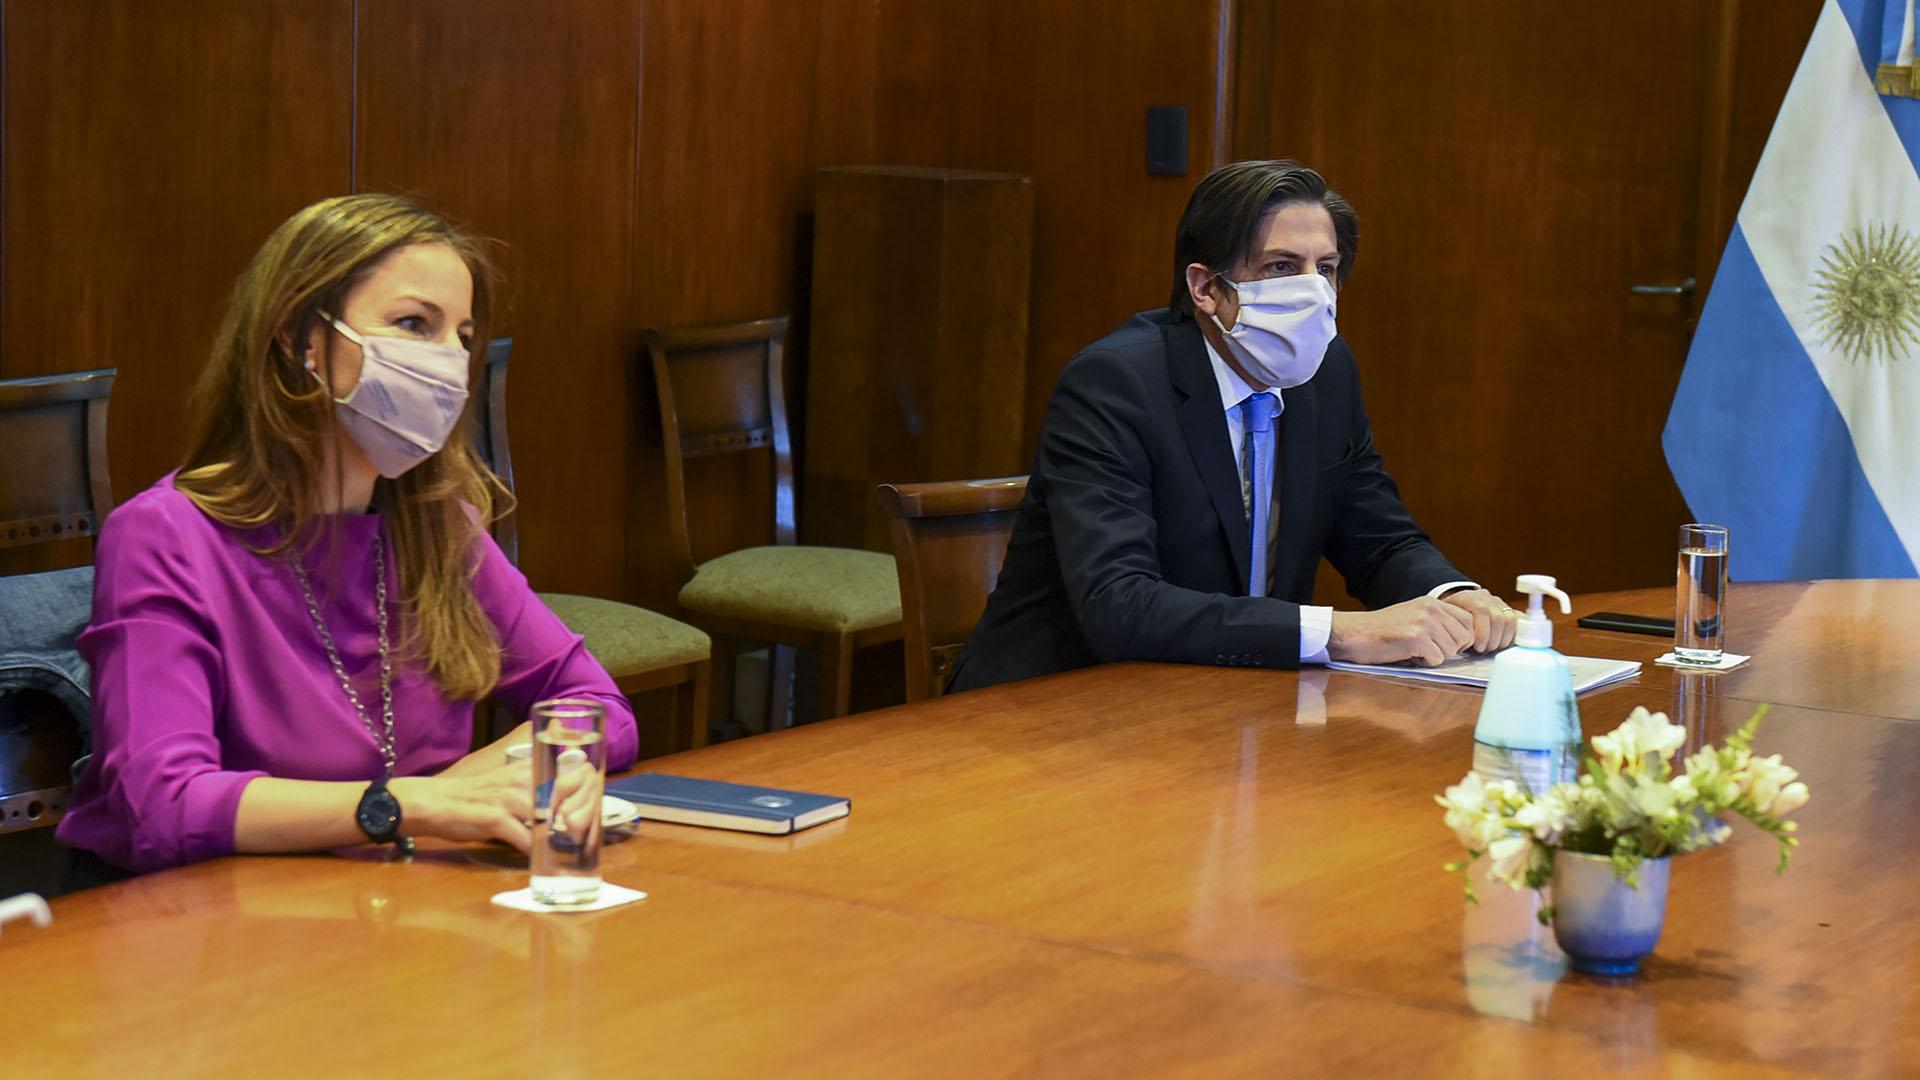 El Gobierno nacional propuso que este año los estudiantes tampoco repitan pero la Ciudad de Buenos Aires se opone